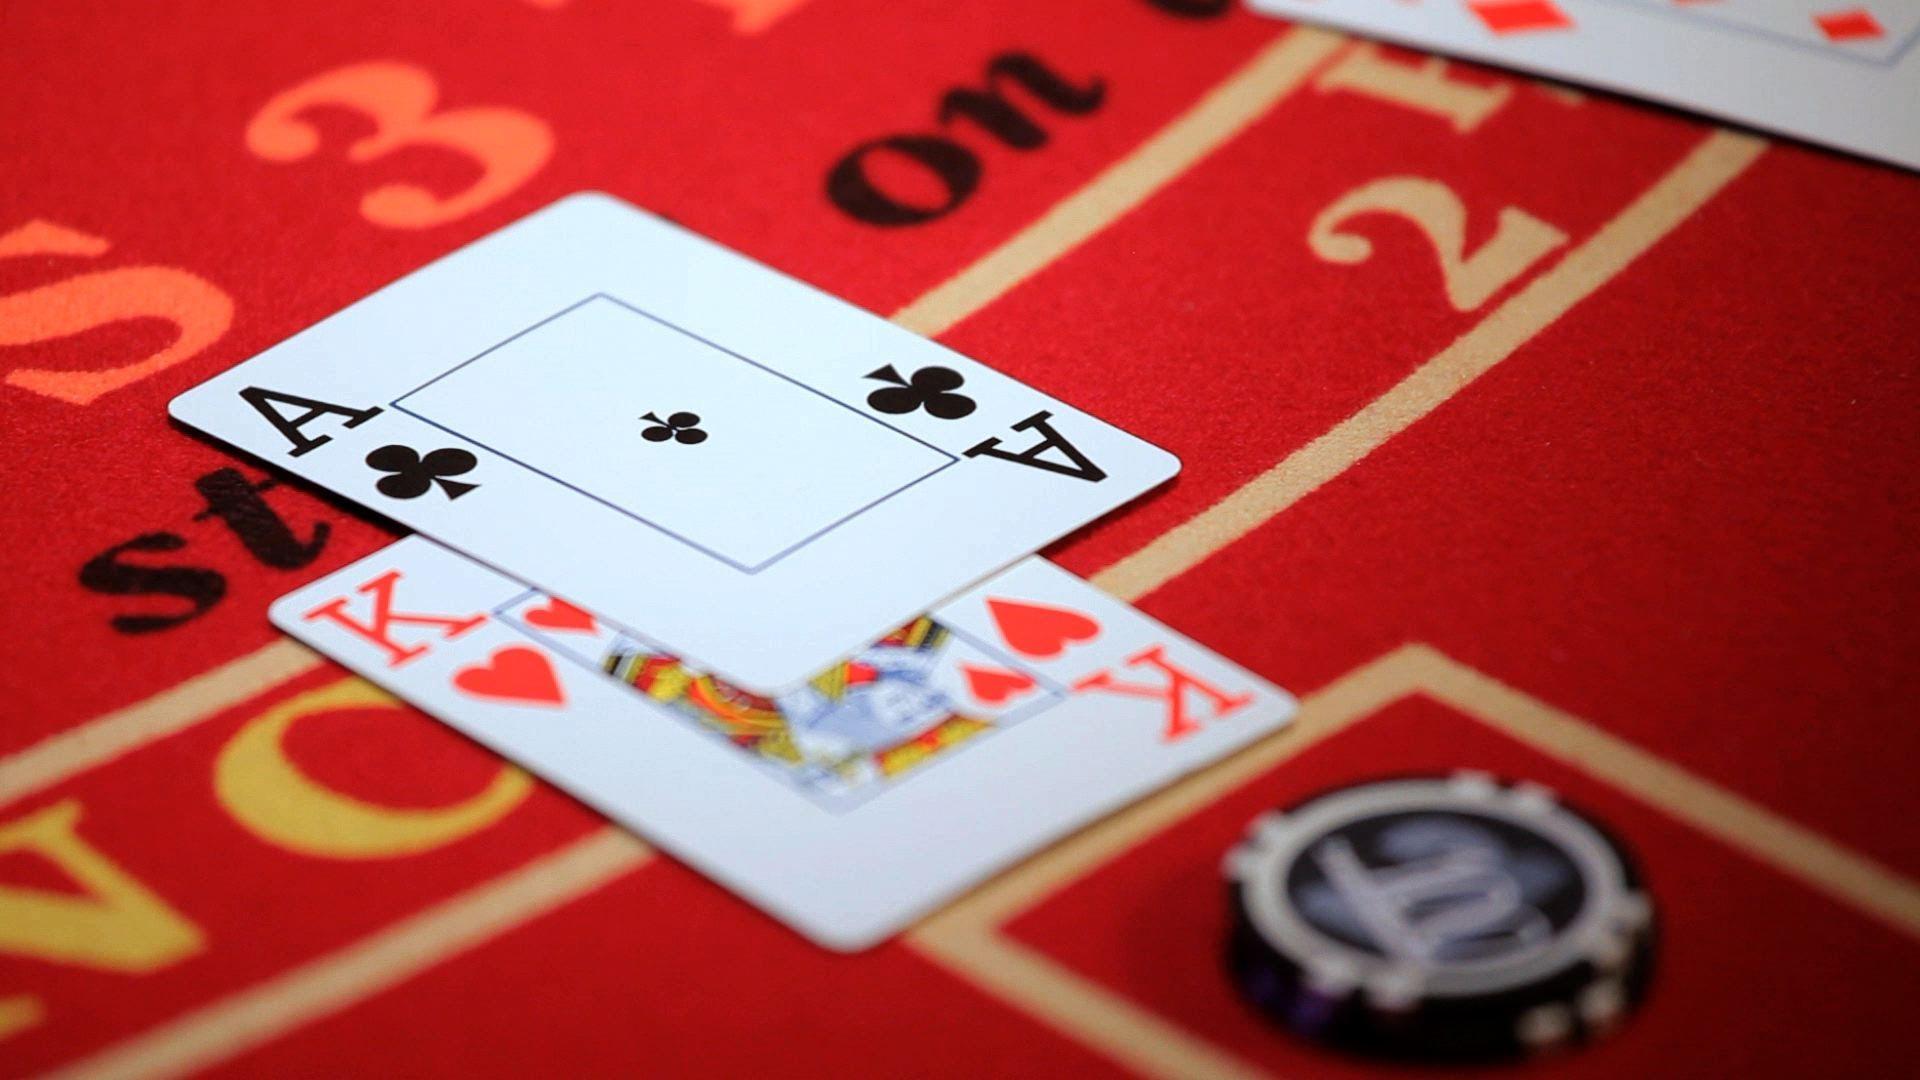 Blackjack : se baser sur la stratégie et l'habileté